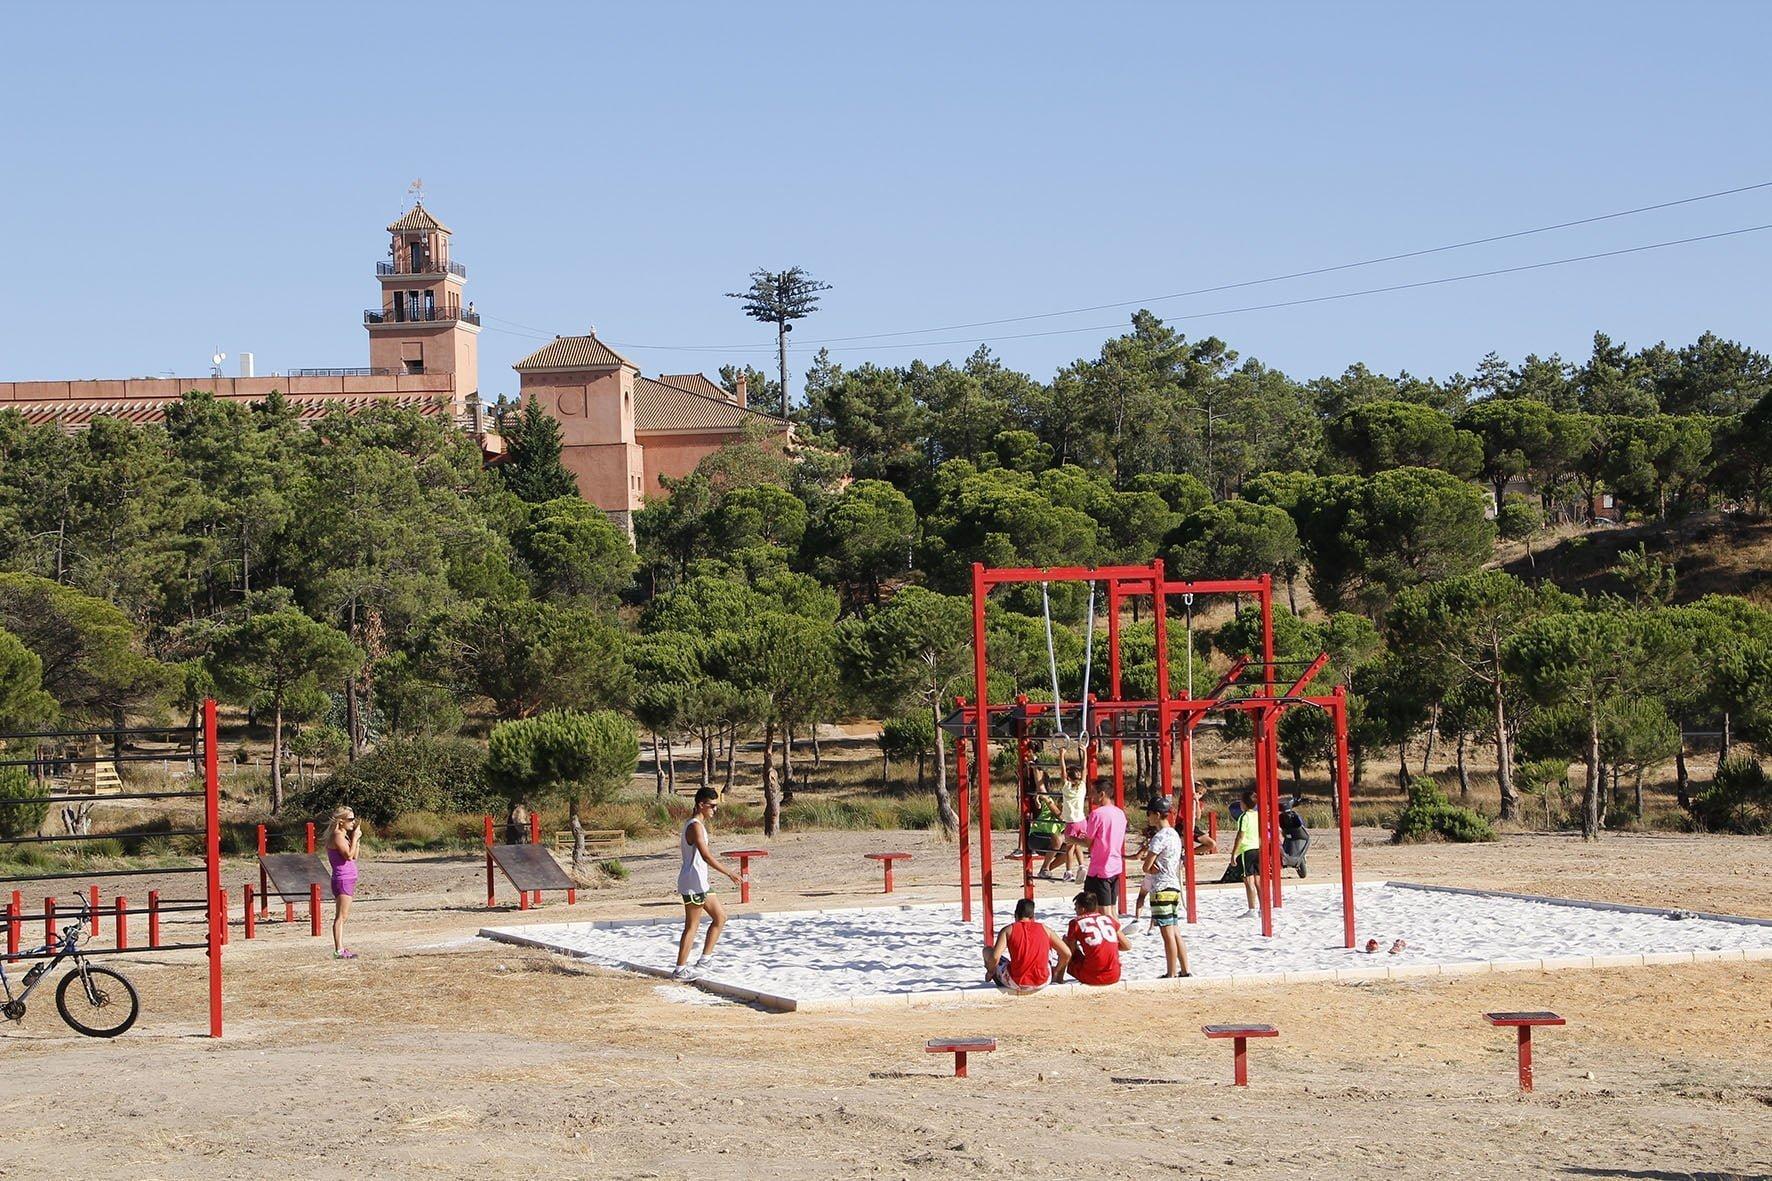 La tirolinea parte del centro comercial 'La Hacienda, situado en el Campo de Golf, y llega hasta el parque del Camaleón.